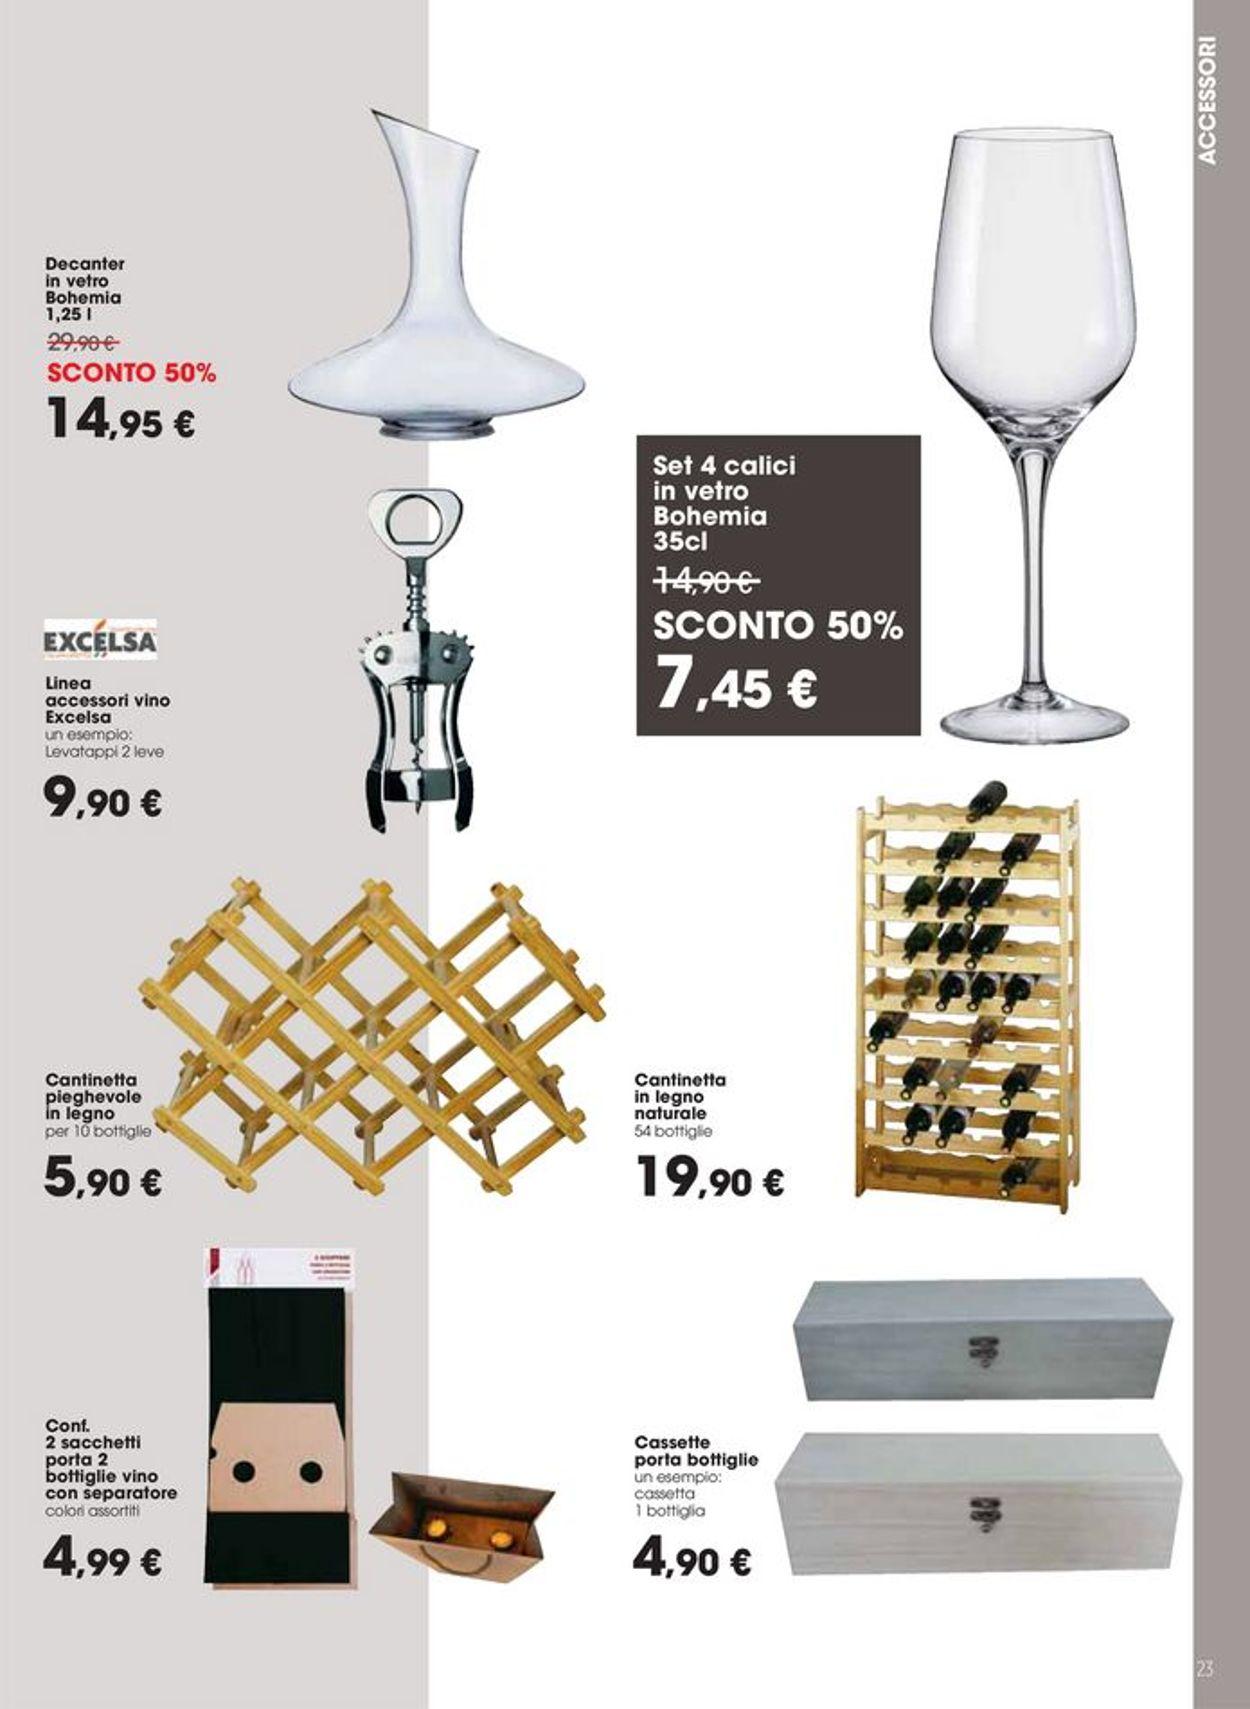 Portabottiglie Per Vino Carrefour